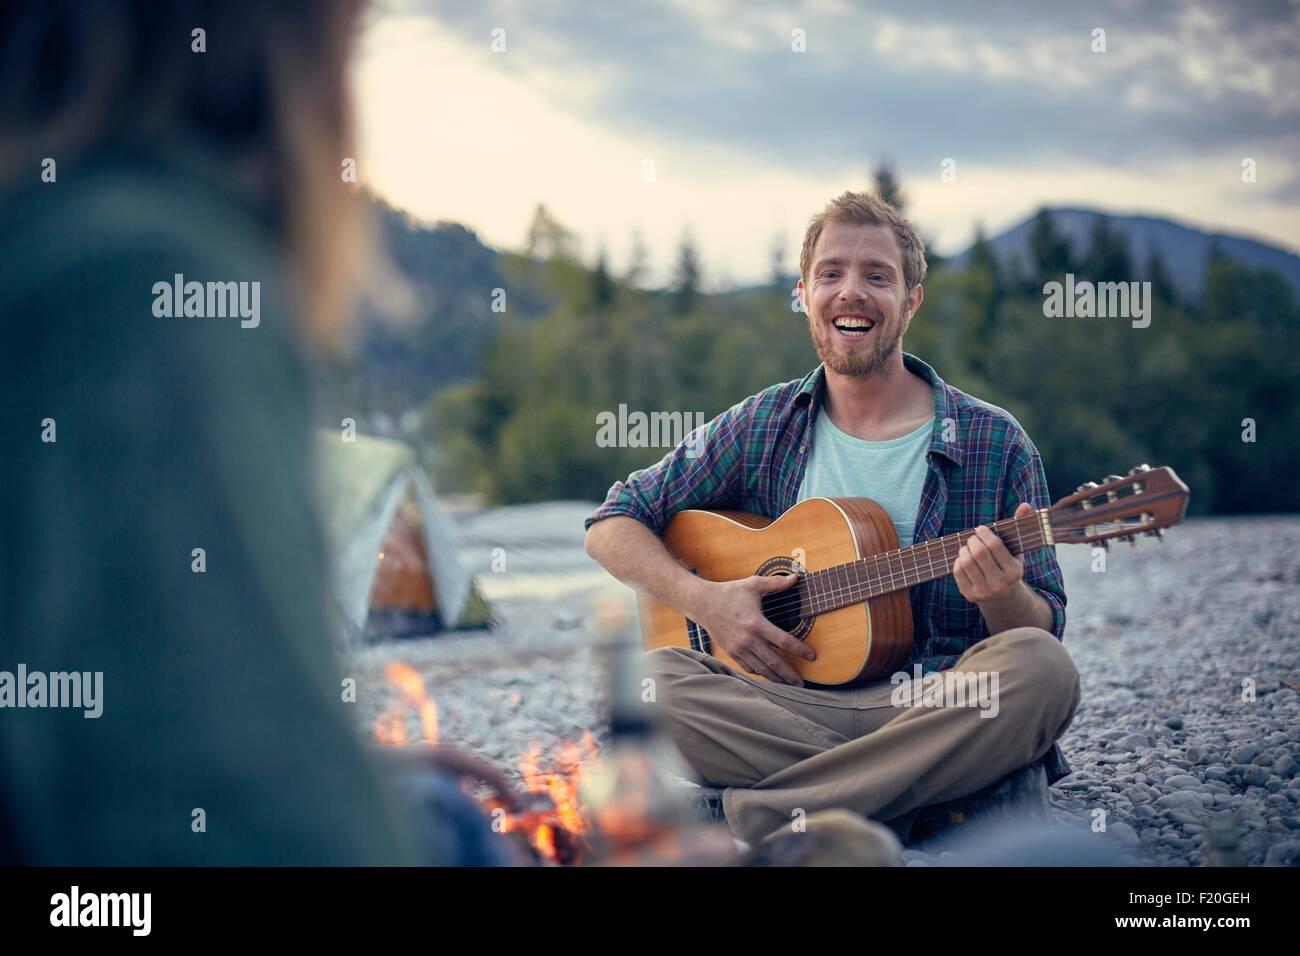 Vorderansicht der junge Mann sitzt am Lagerfeuer Gitarre spielen Stockfoto